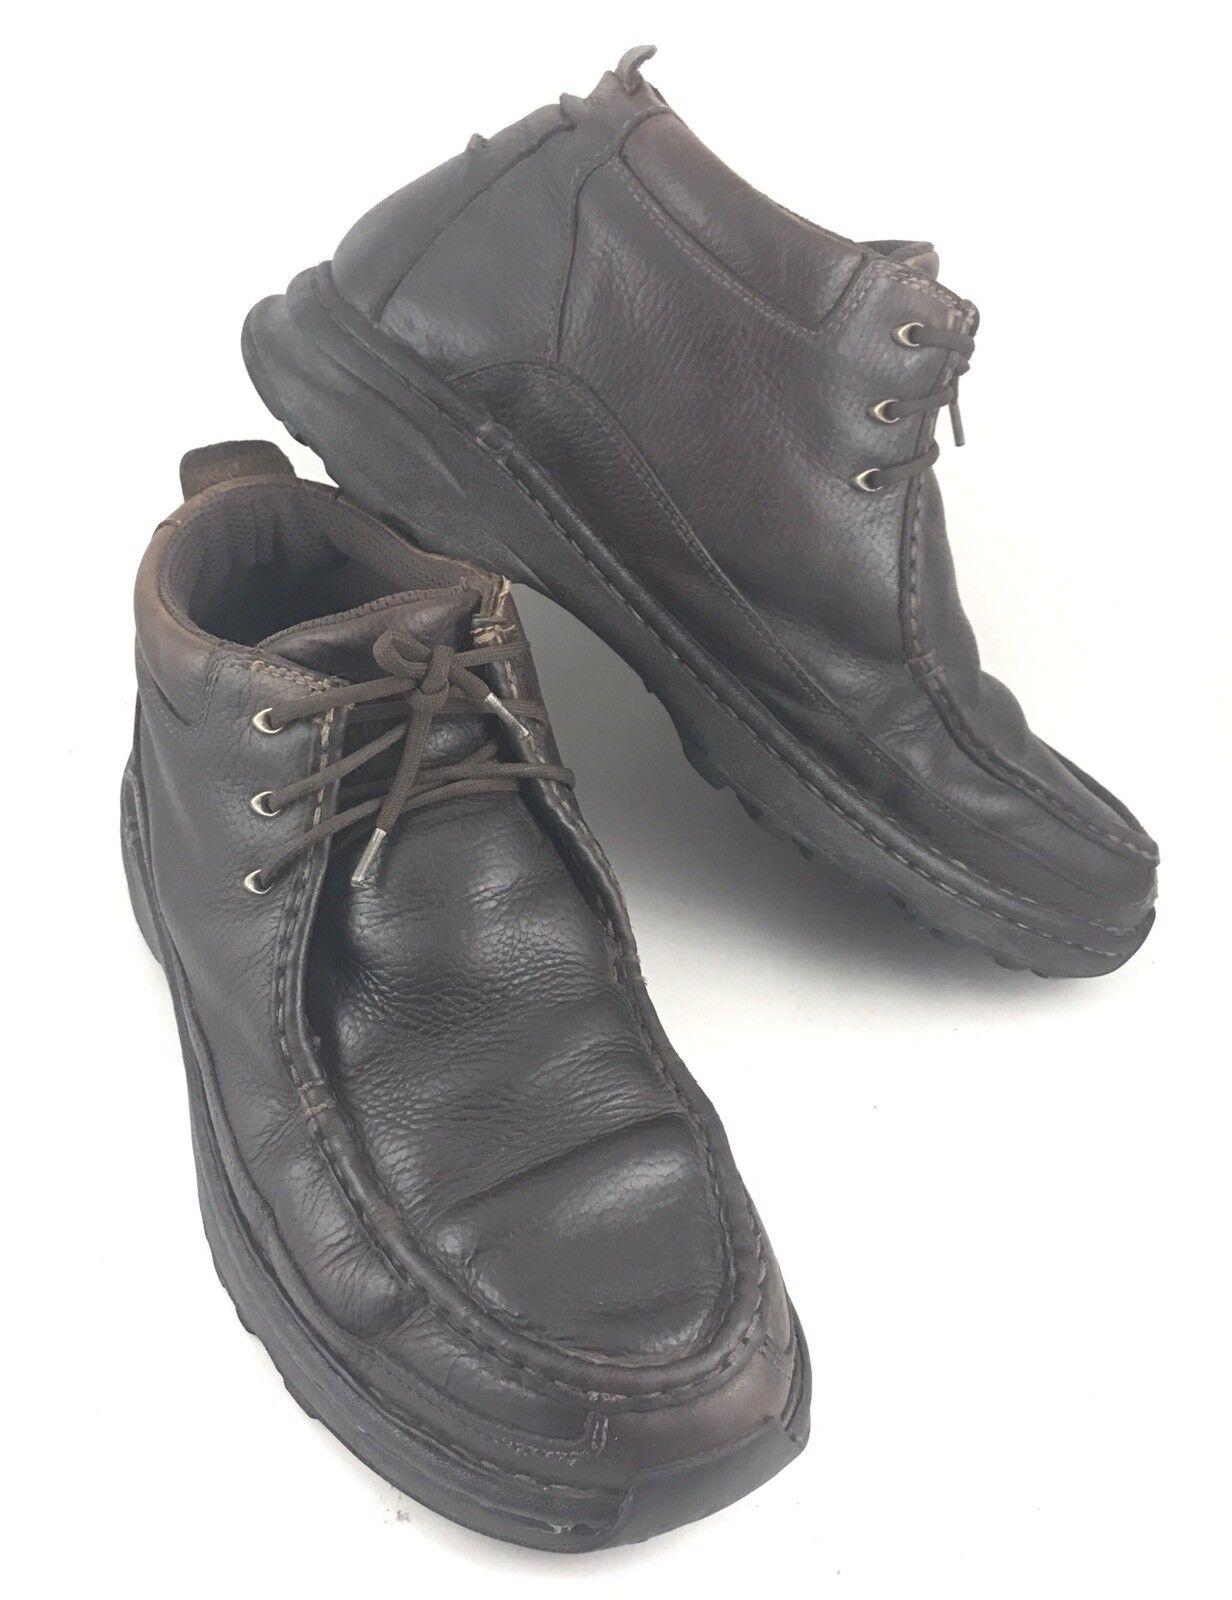 L.l.bean 0dfj304 Uomo sz 12 di pelle marrone moctoe ohukka caviglia laceup boots-381